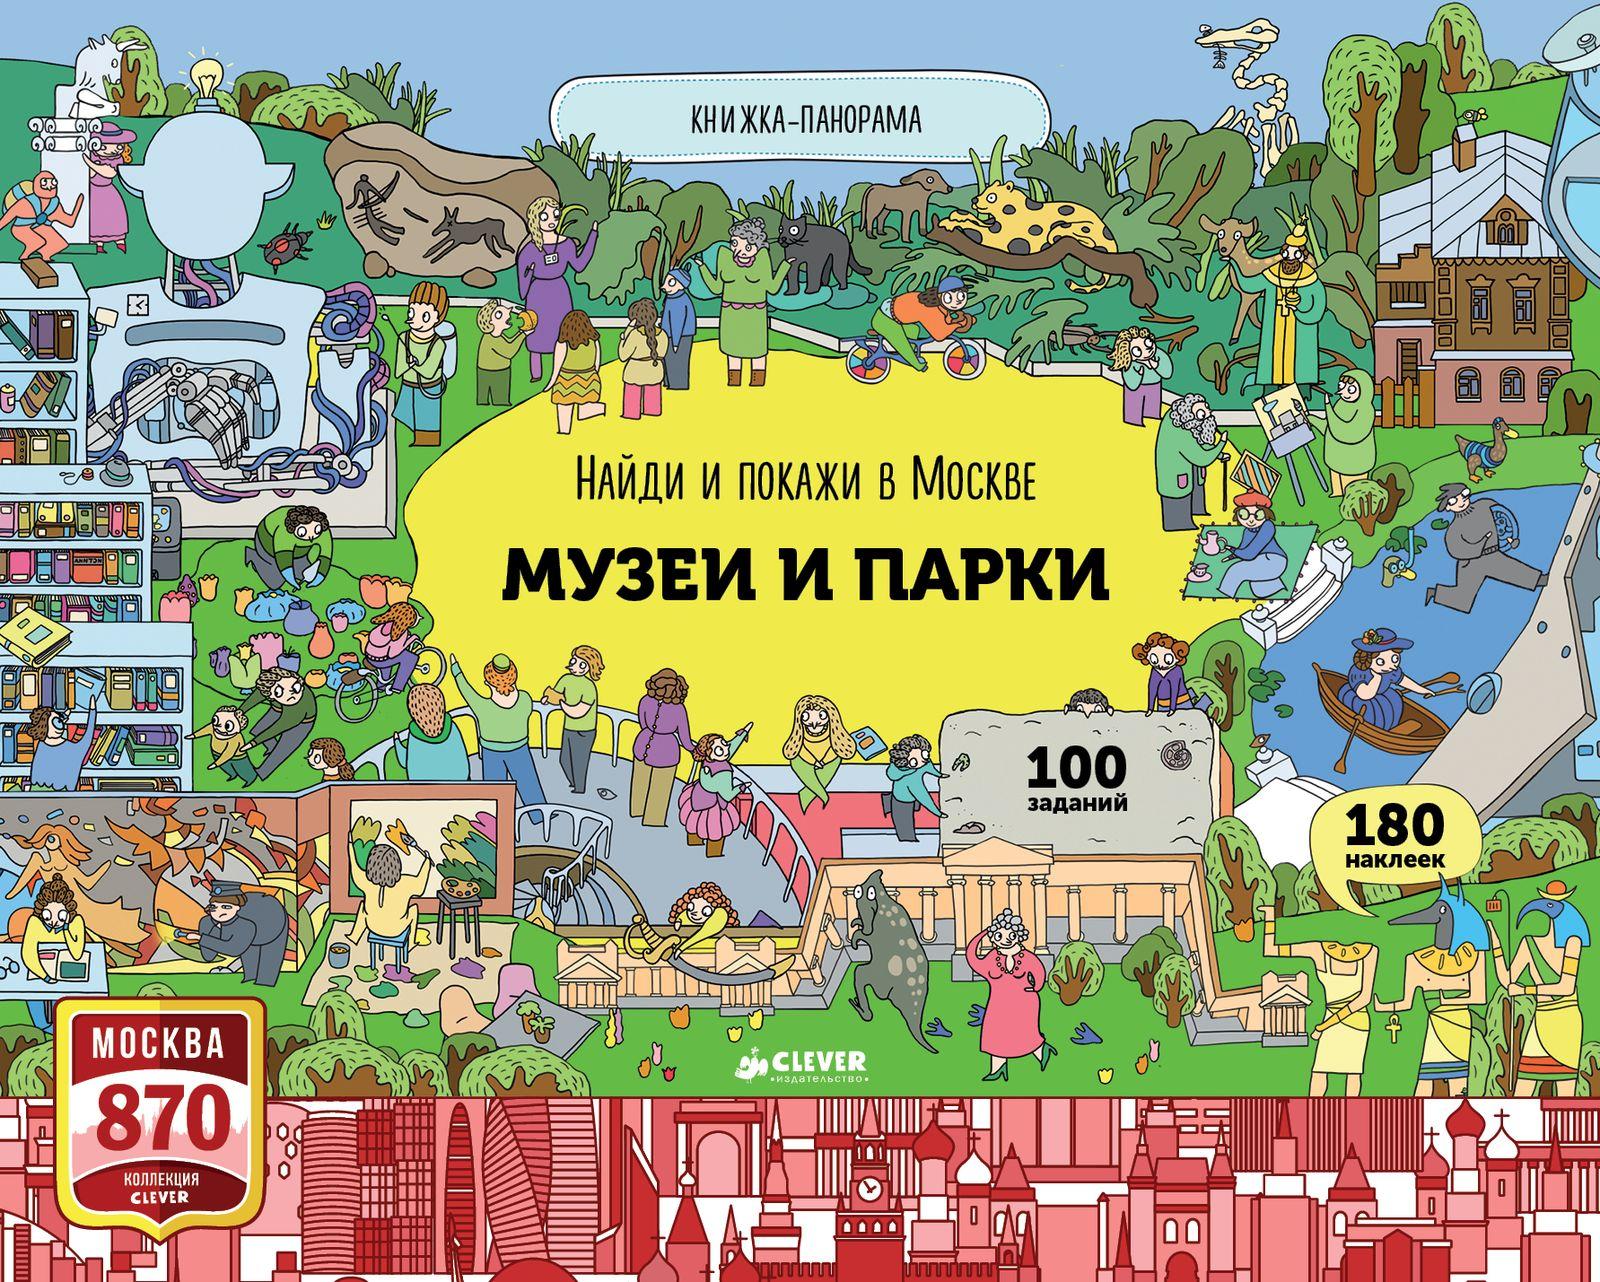 Найди и покажи в Москве. Музеи и парки фото